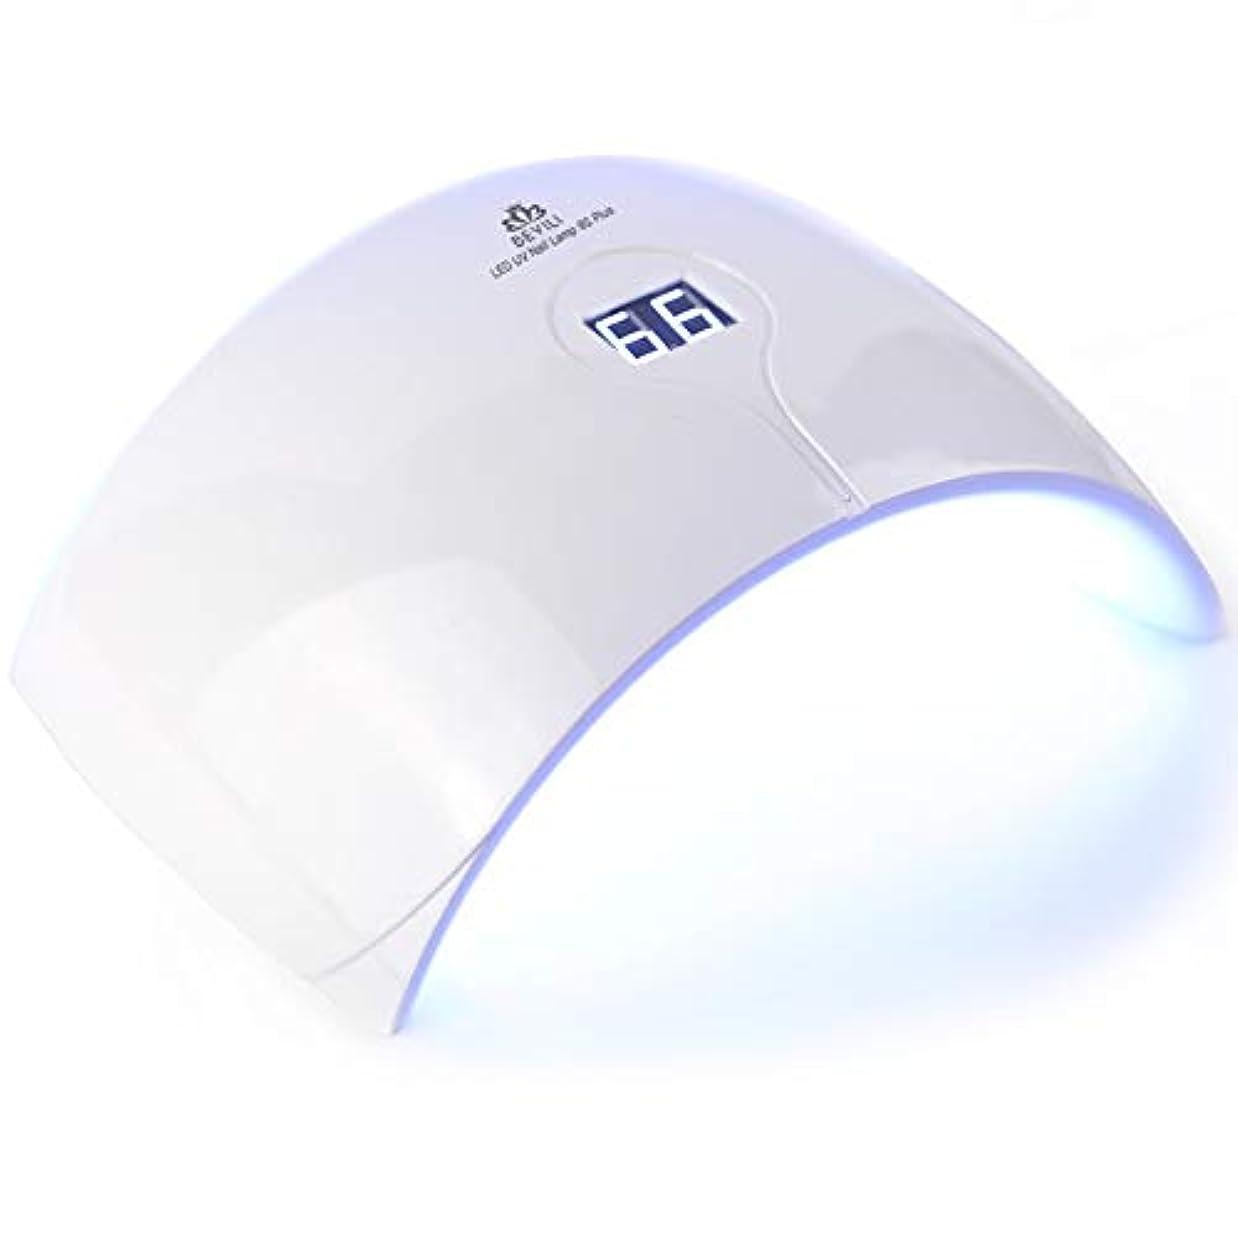 感情の声を出してポイントZHQI-NAIL 新しい36ワットuv ledランプネイルドライヤー用すべてのタイプジェル15 led uvランプ用ネイルマシン硬化ユニバーサル手と足 (色 : 白, Size : US plug)